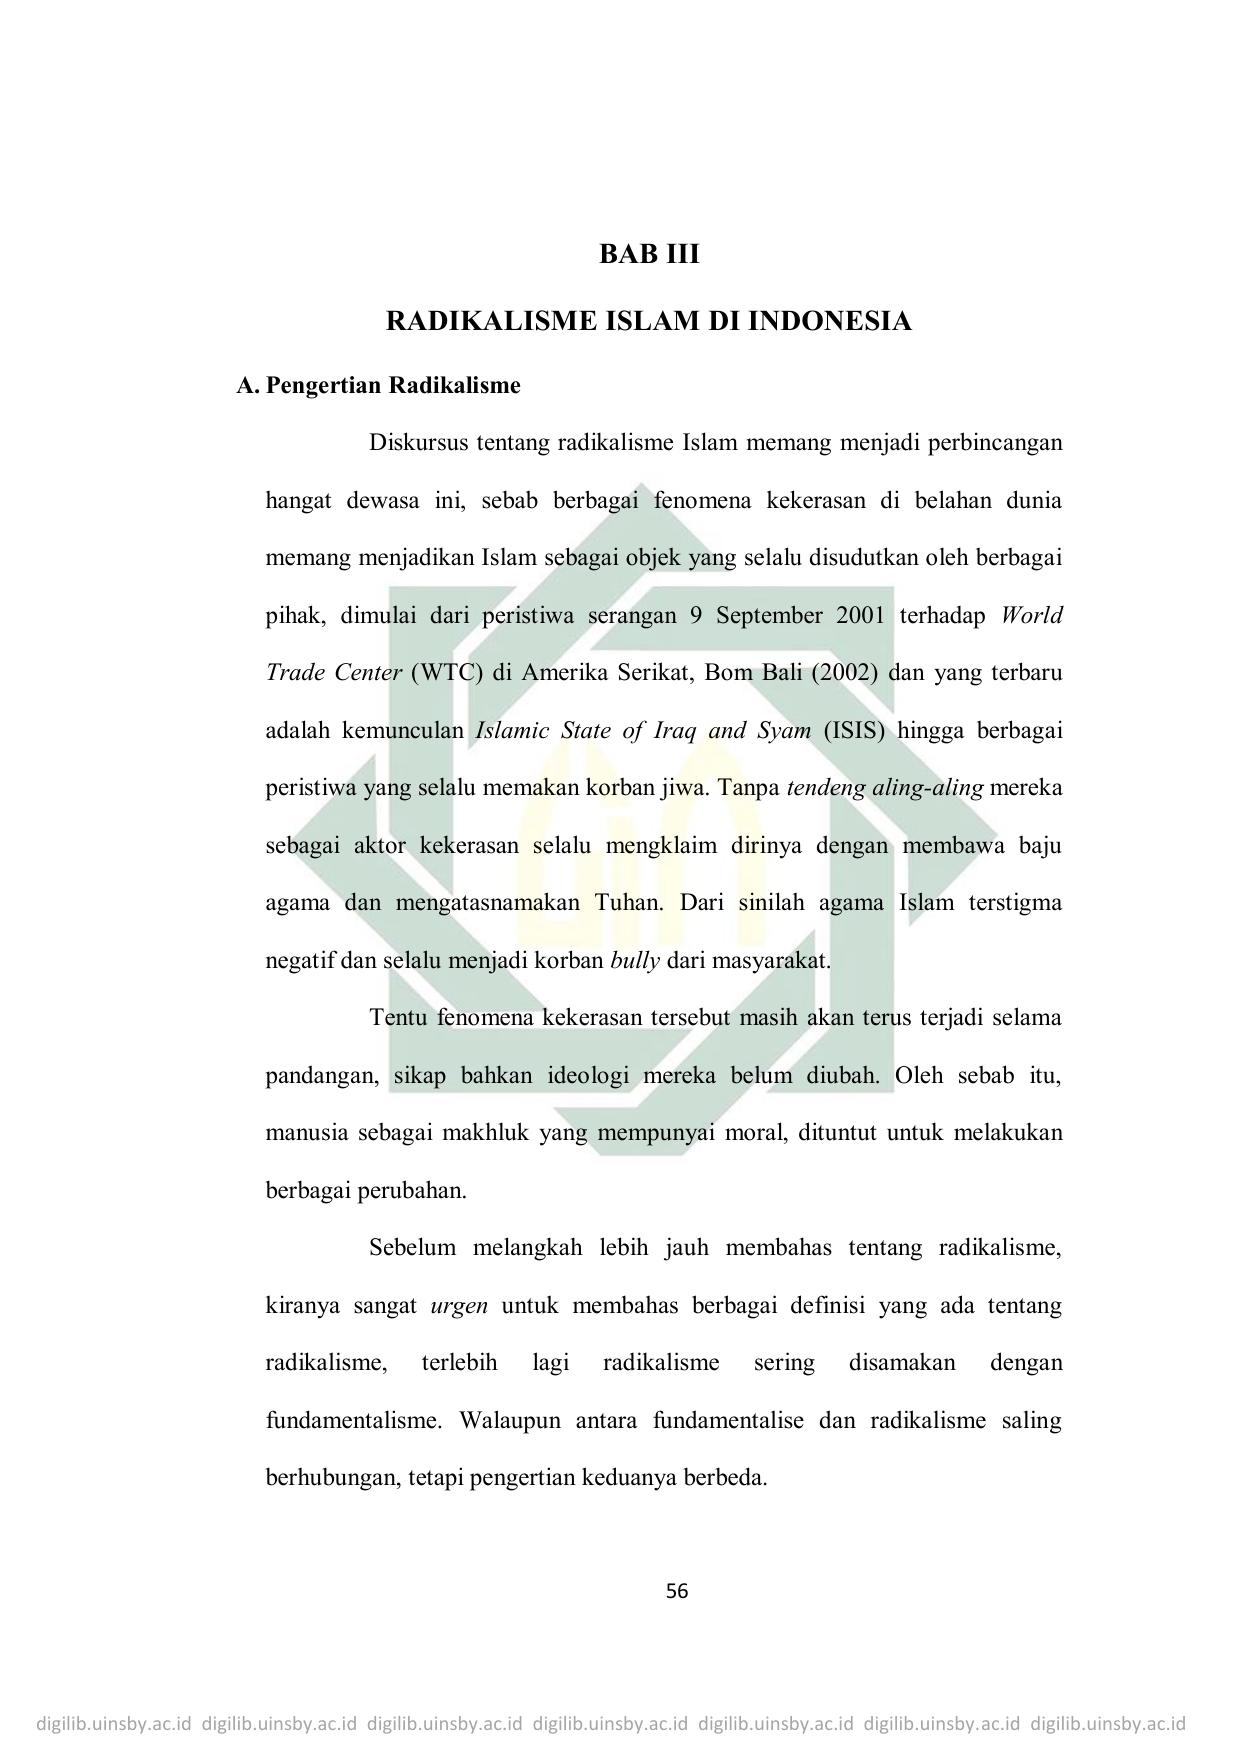 Pengertian Radikalisme Di Indonesia